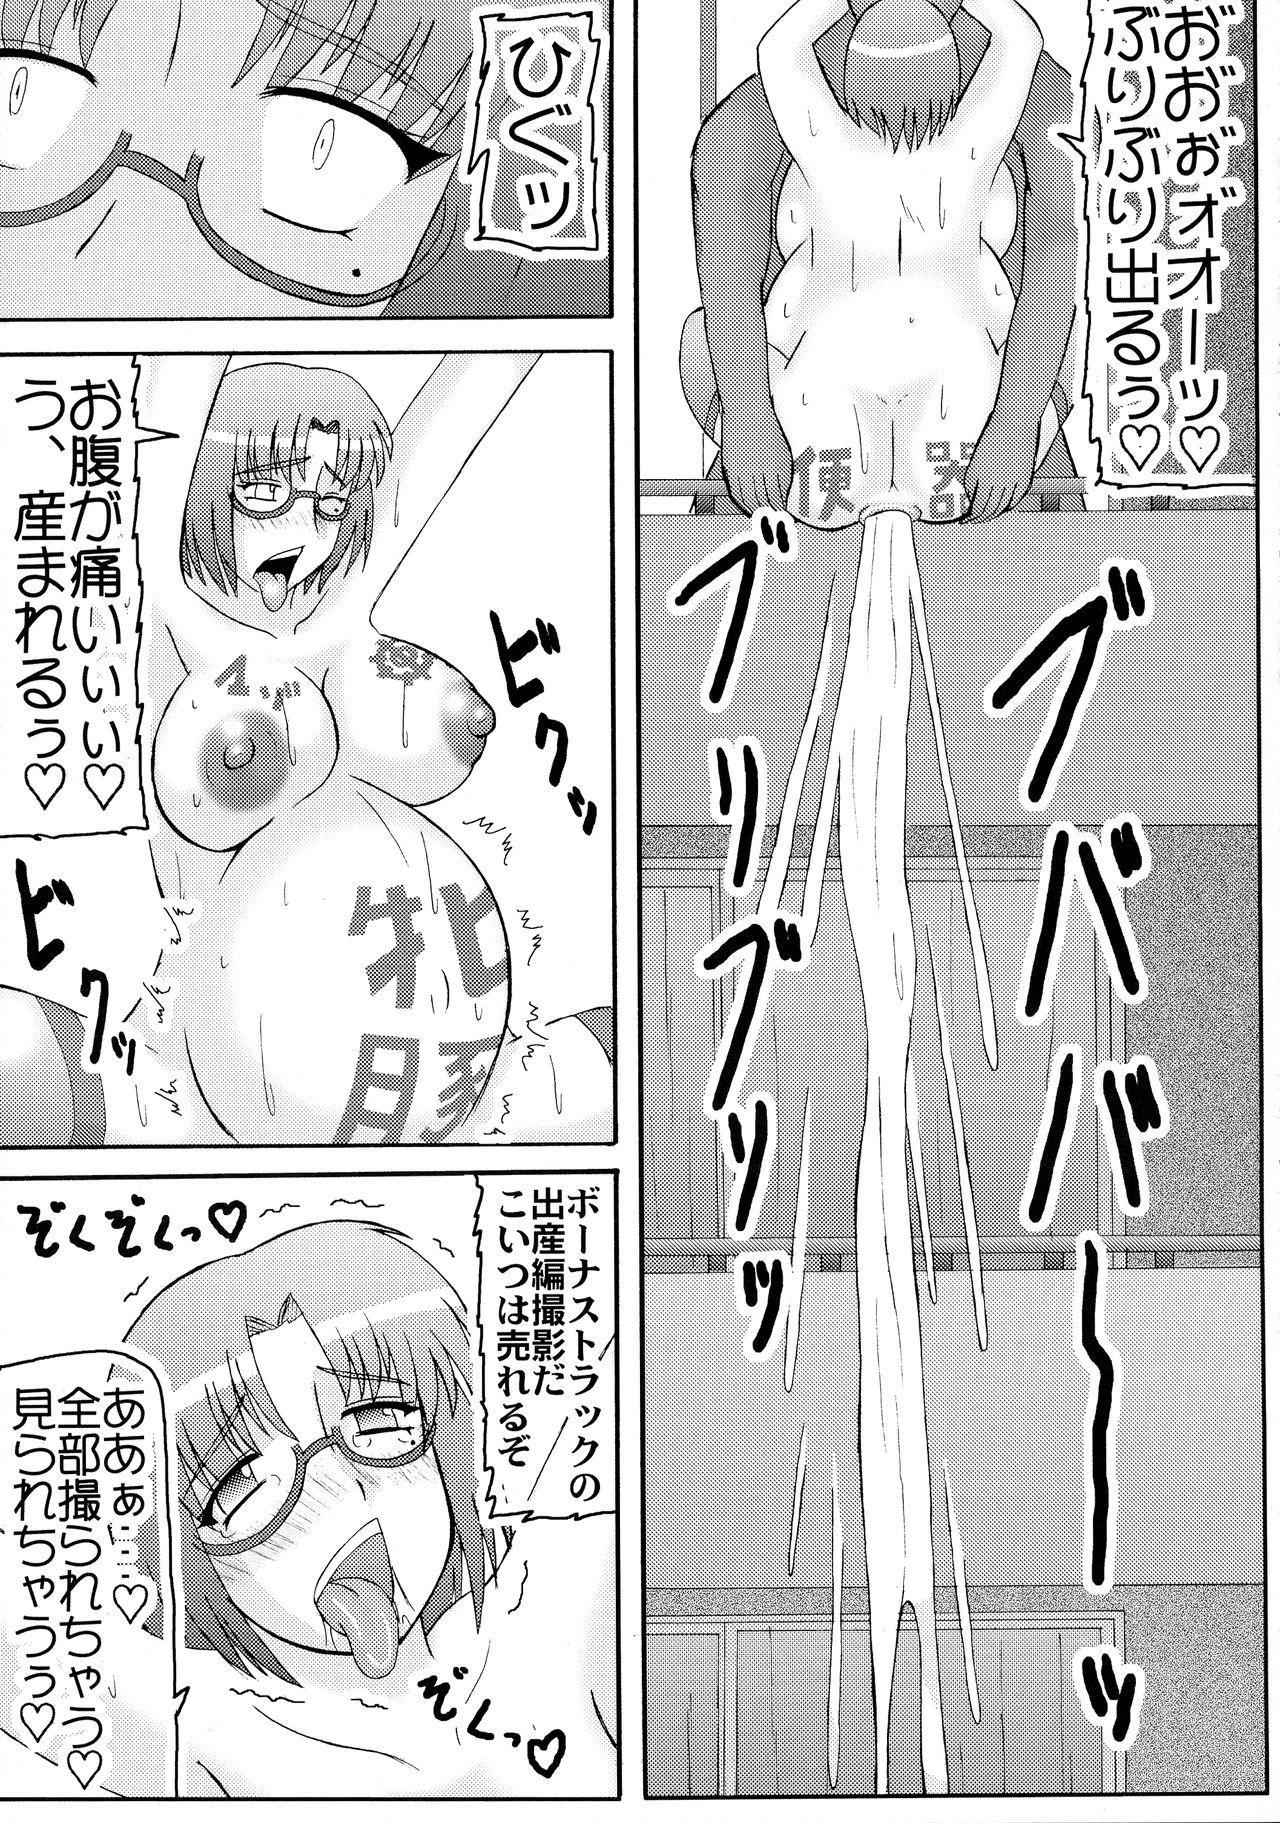 Daraku Ninpu Tsuma 3 22